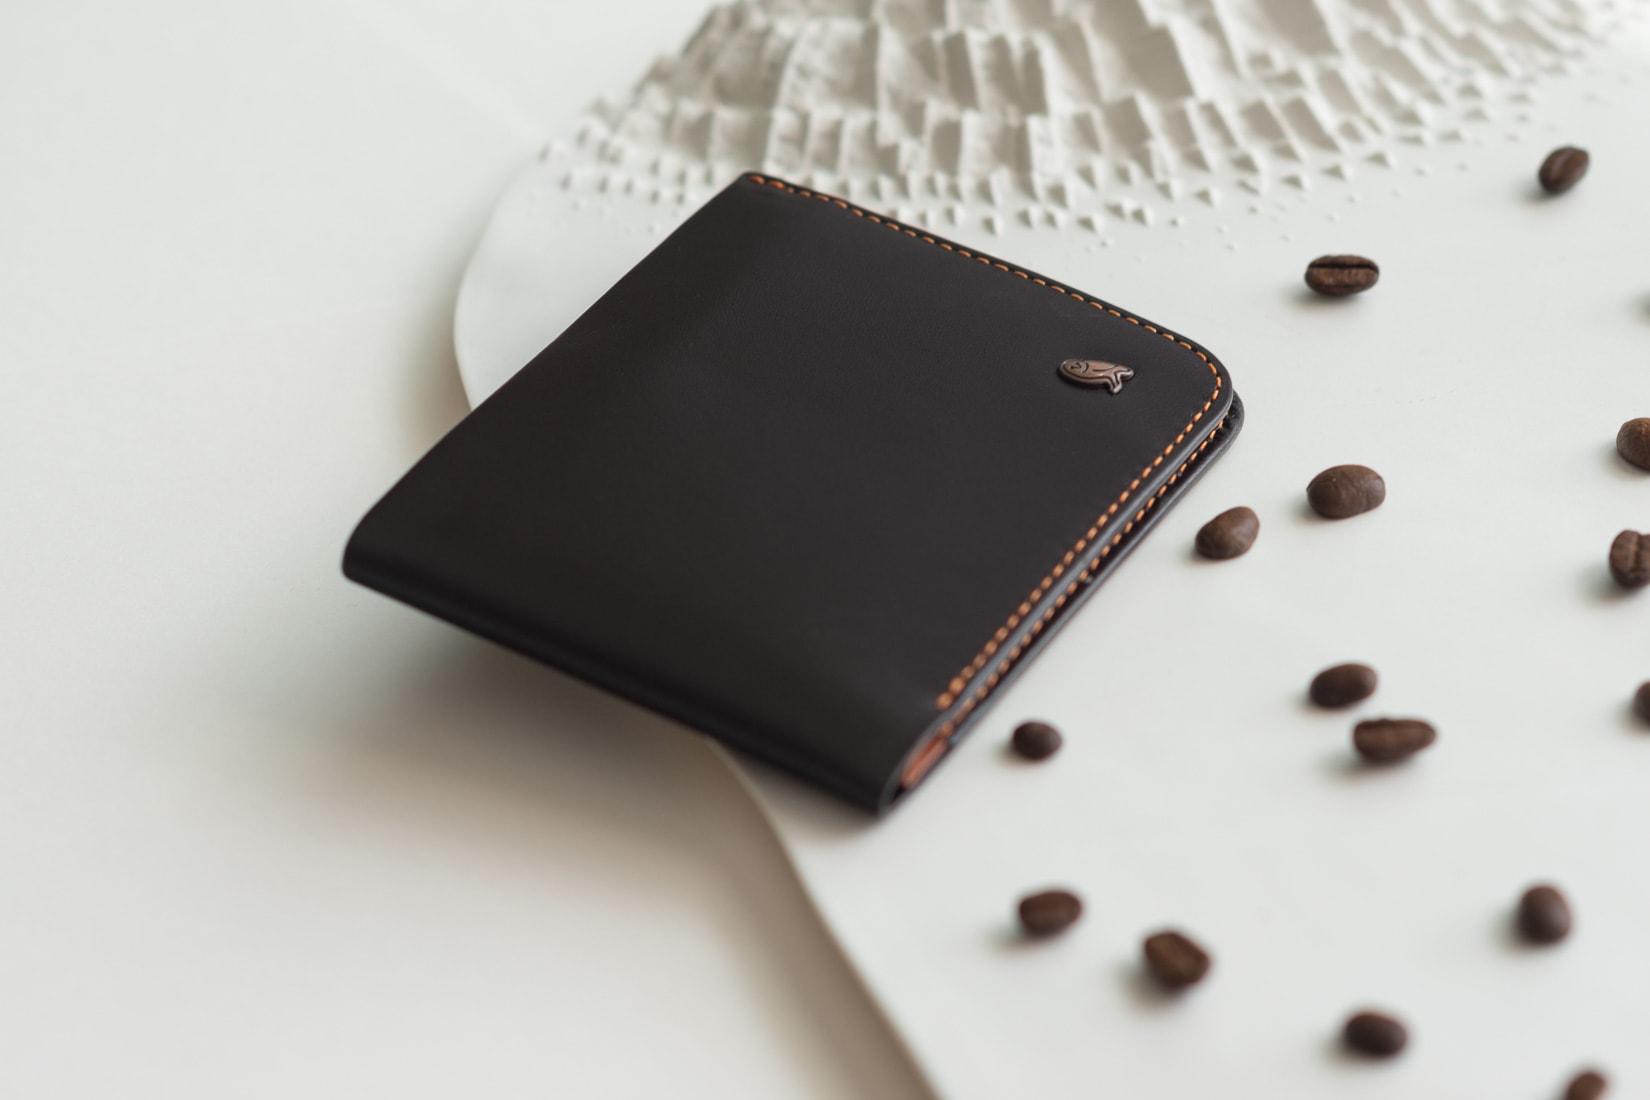 Bellroy hide and seek wallet - Luxe Digital